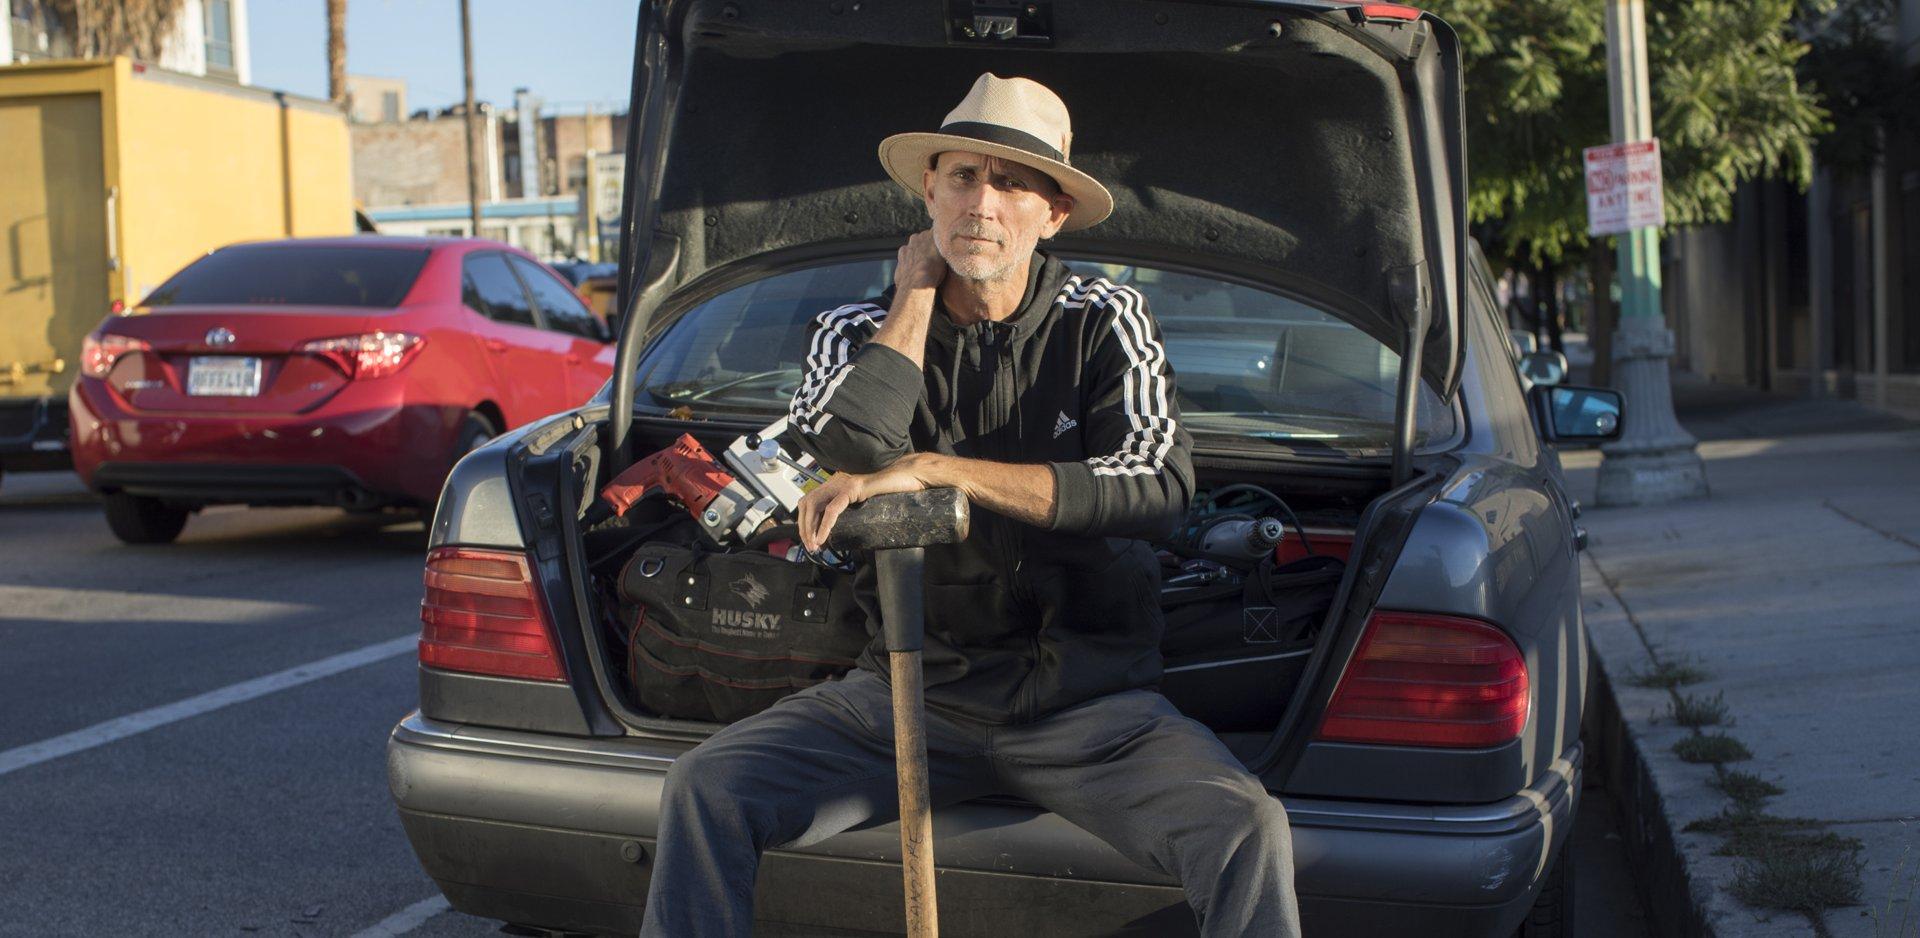 A Professional Safecracker Reveals His Craft - The Atlantic